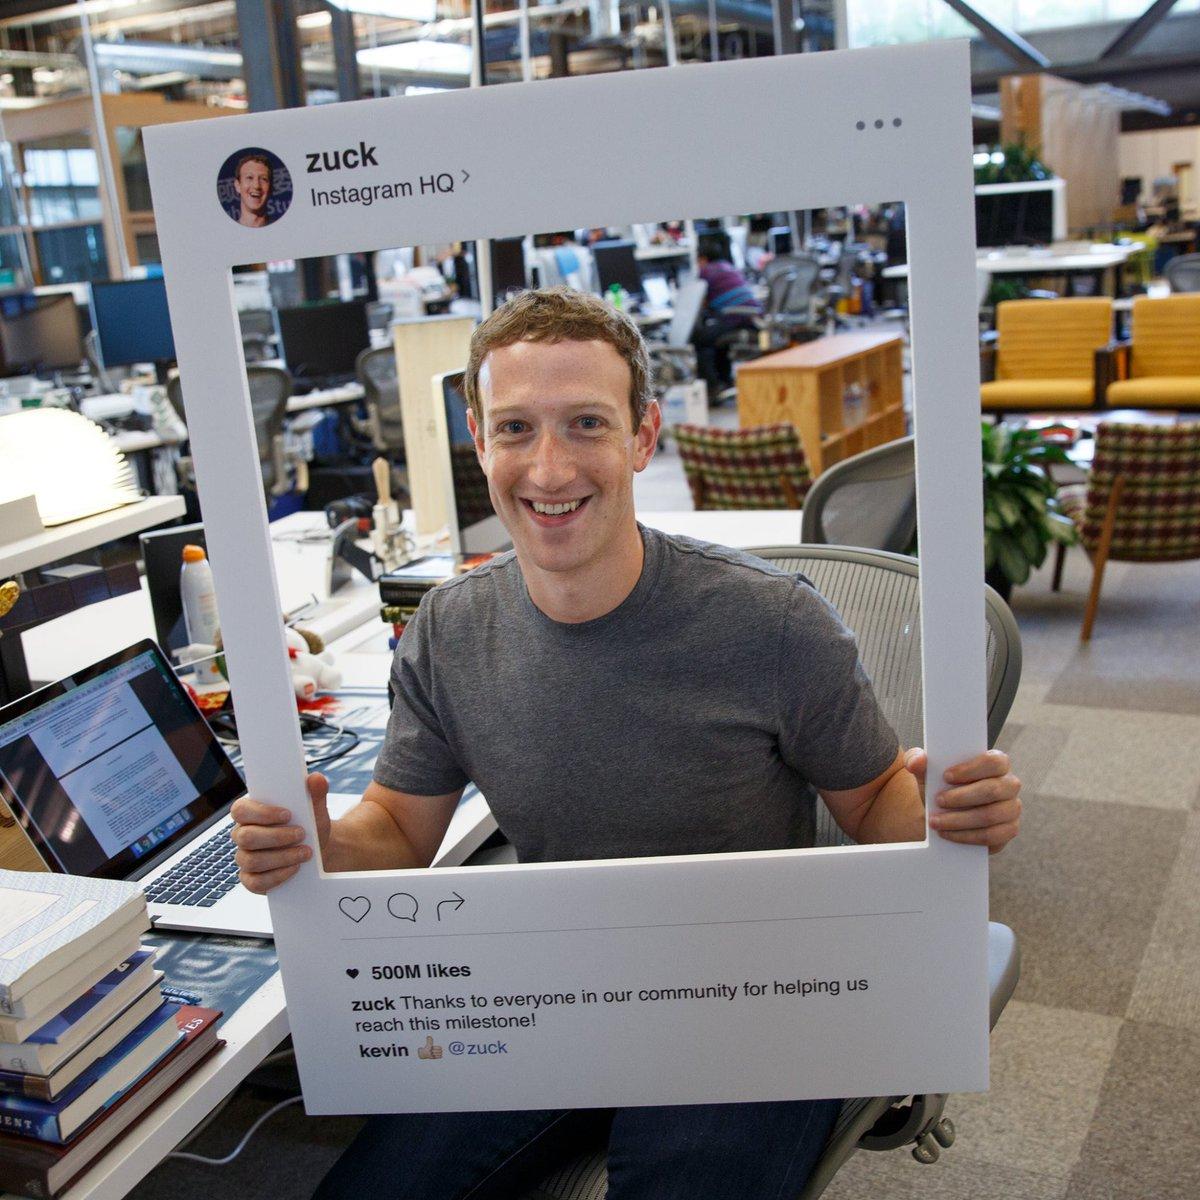 Prywatność: Bezczelność firm z doliny krzemowej przekracza wszelkie granice.